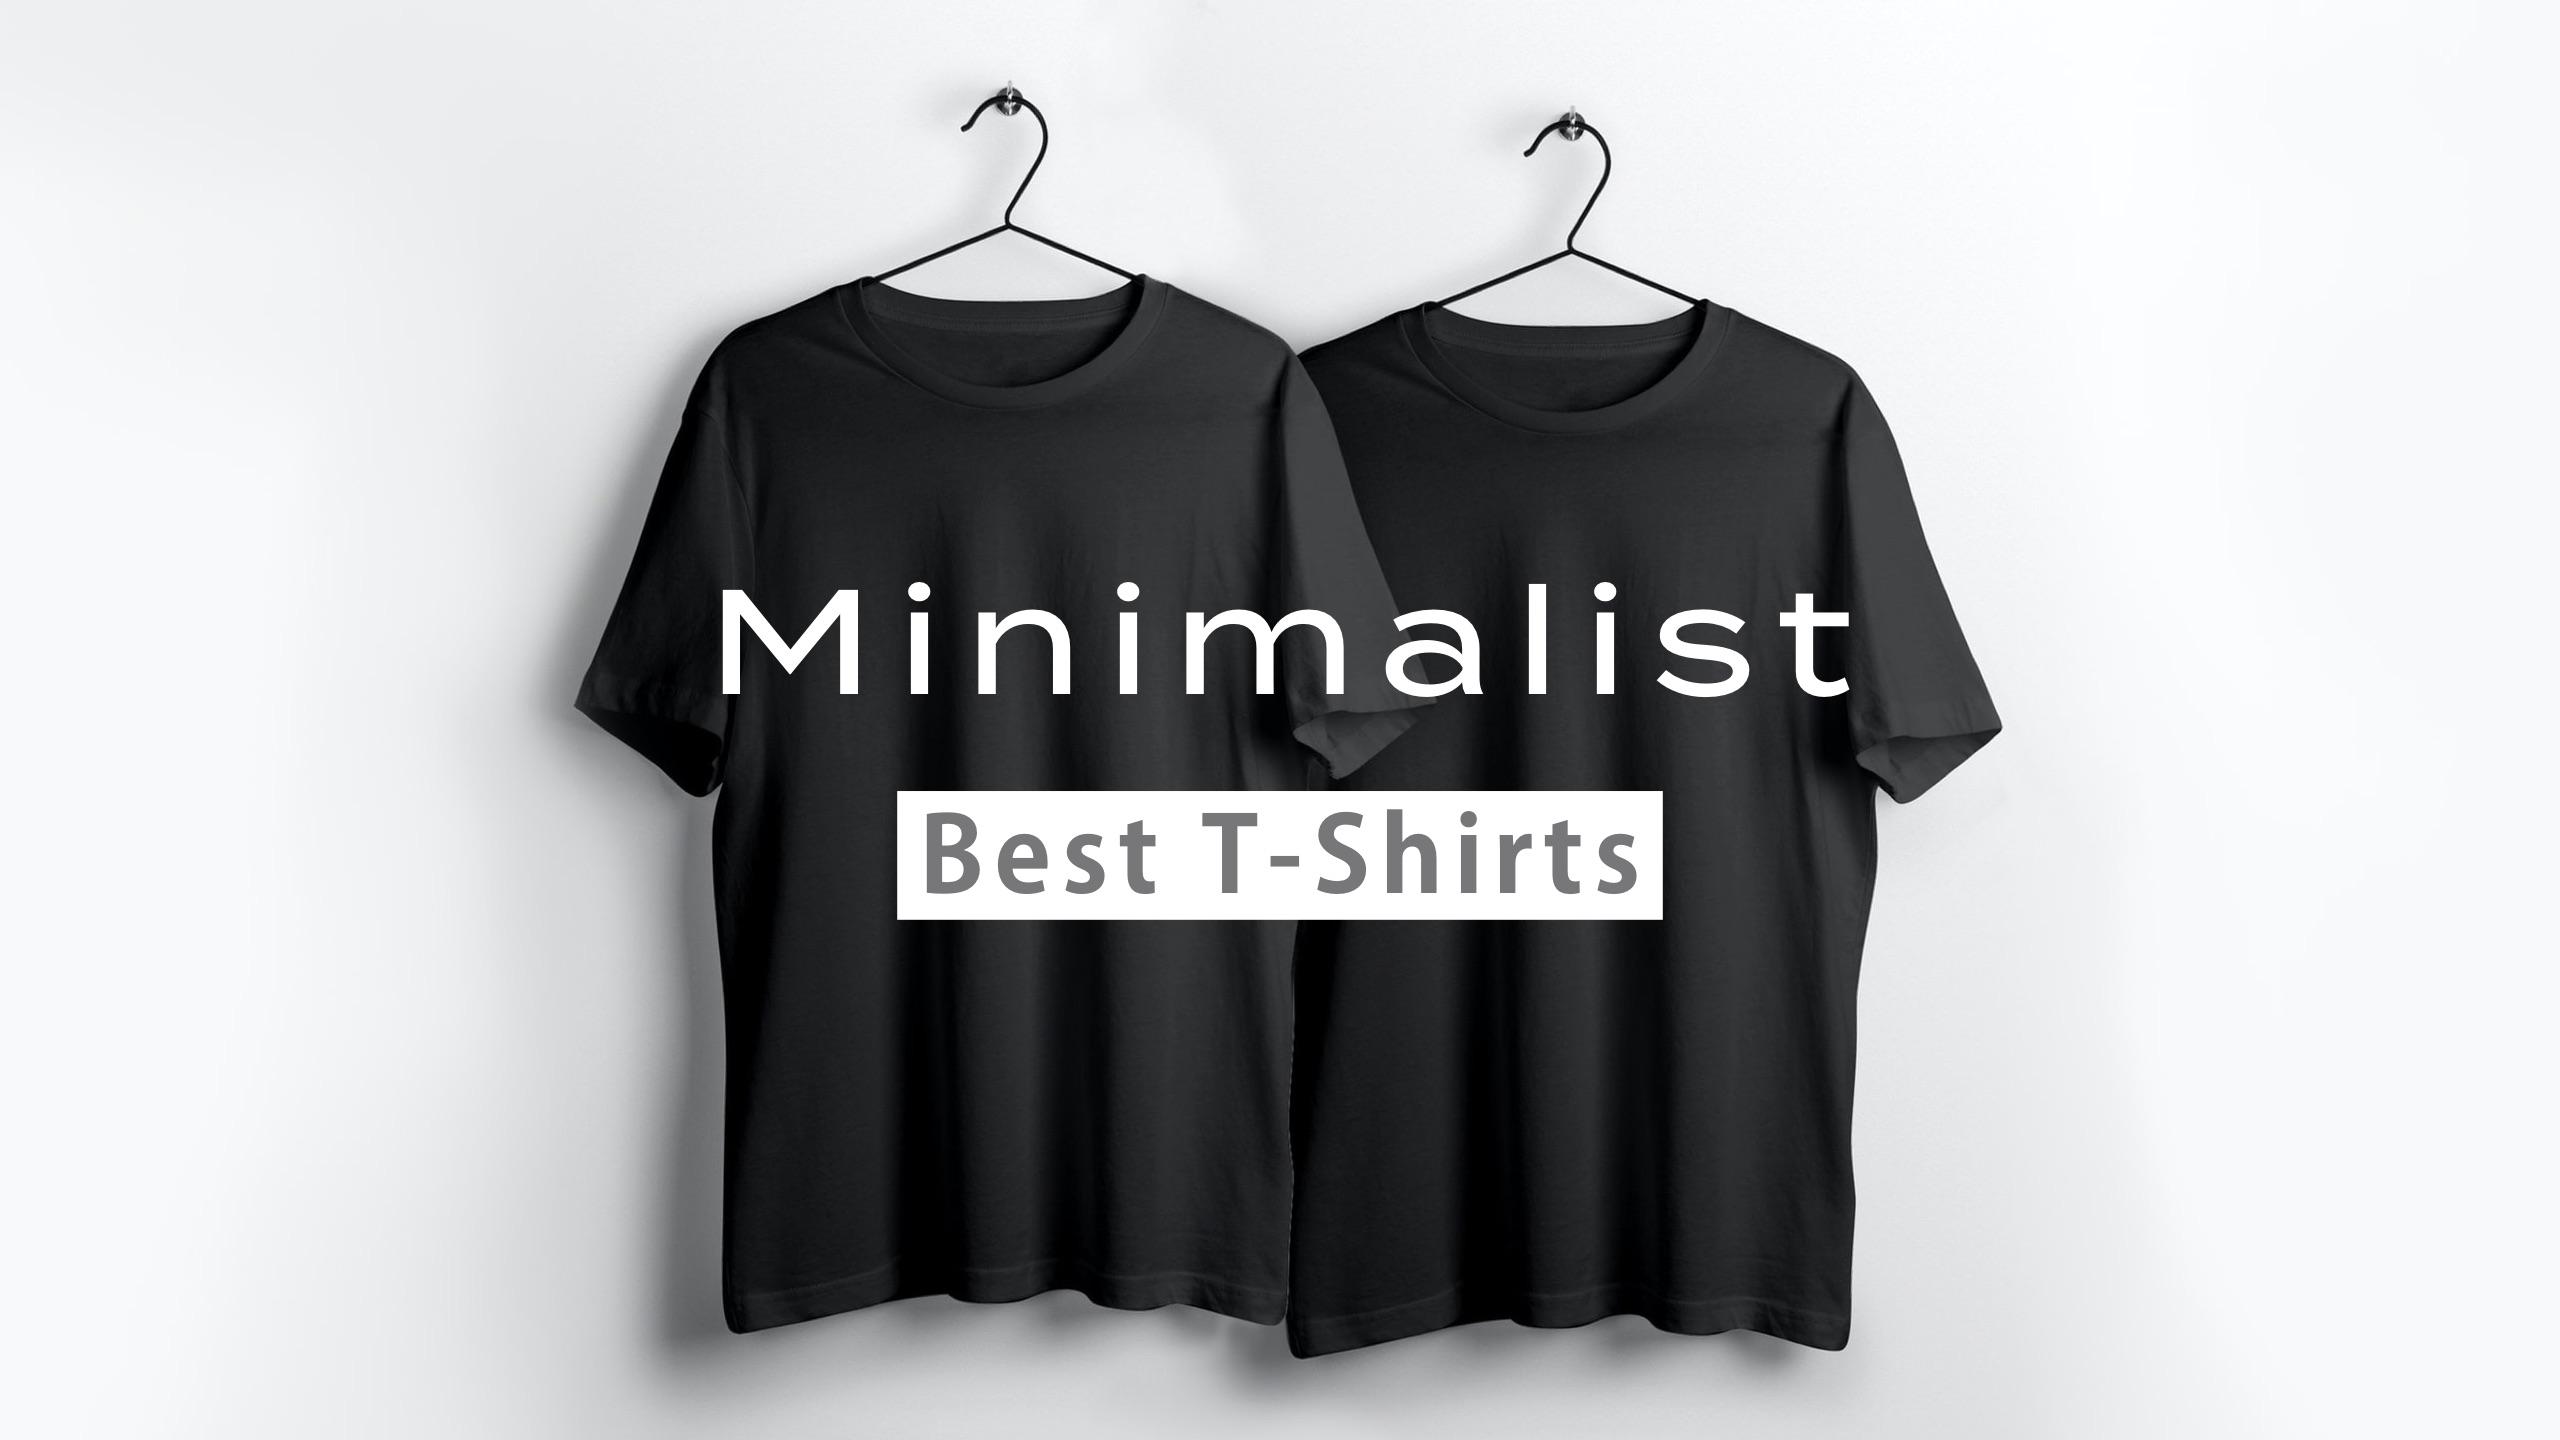 【もう迷わない】ミニマリストにおすすめのTシャツを厳選!【メンズ・無地】